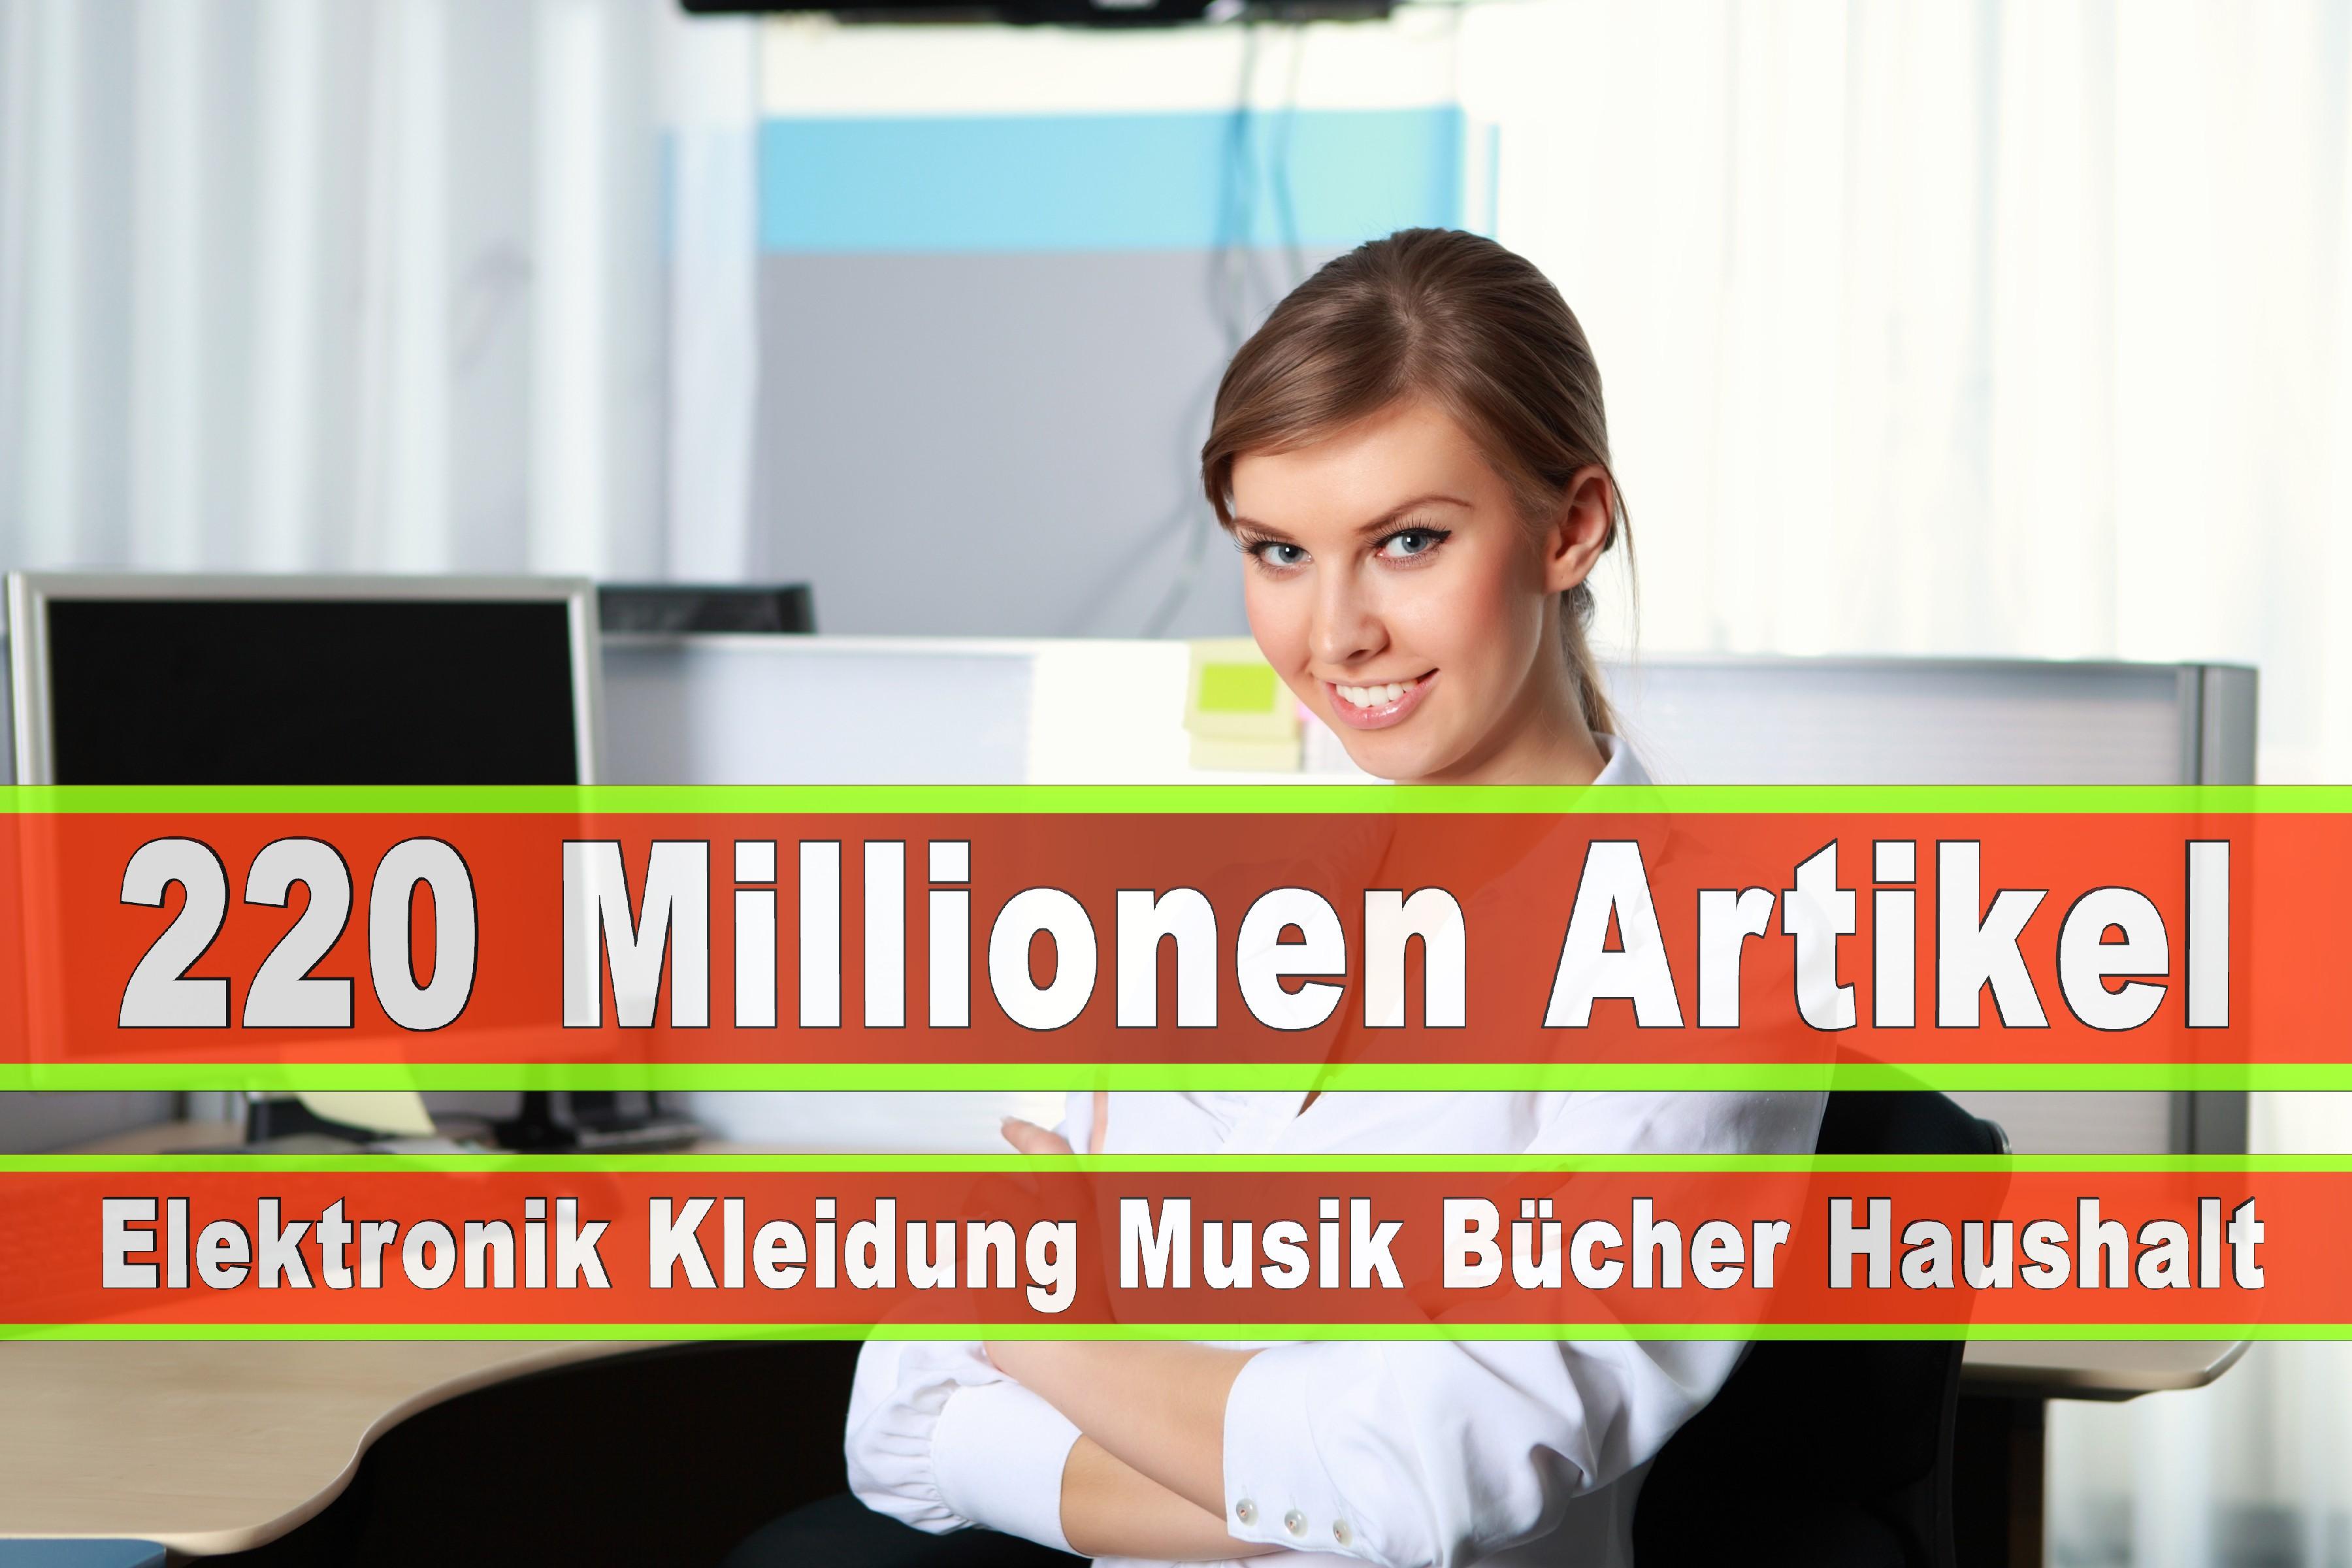 Amazon Elektronik Musik Haushalt Bücher CD DVD Handys Smartphones TV Television Fernseher Kleidung Mode Ebay Versandhaus (128)